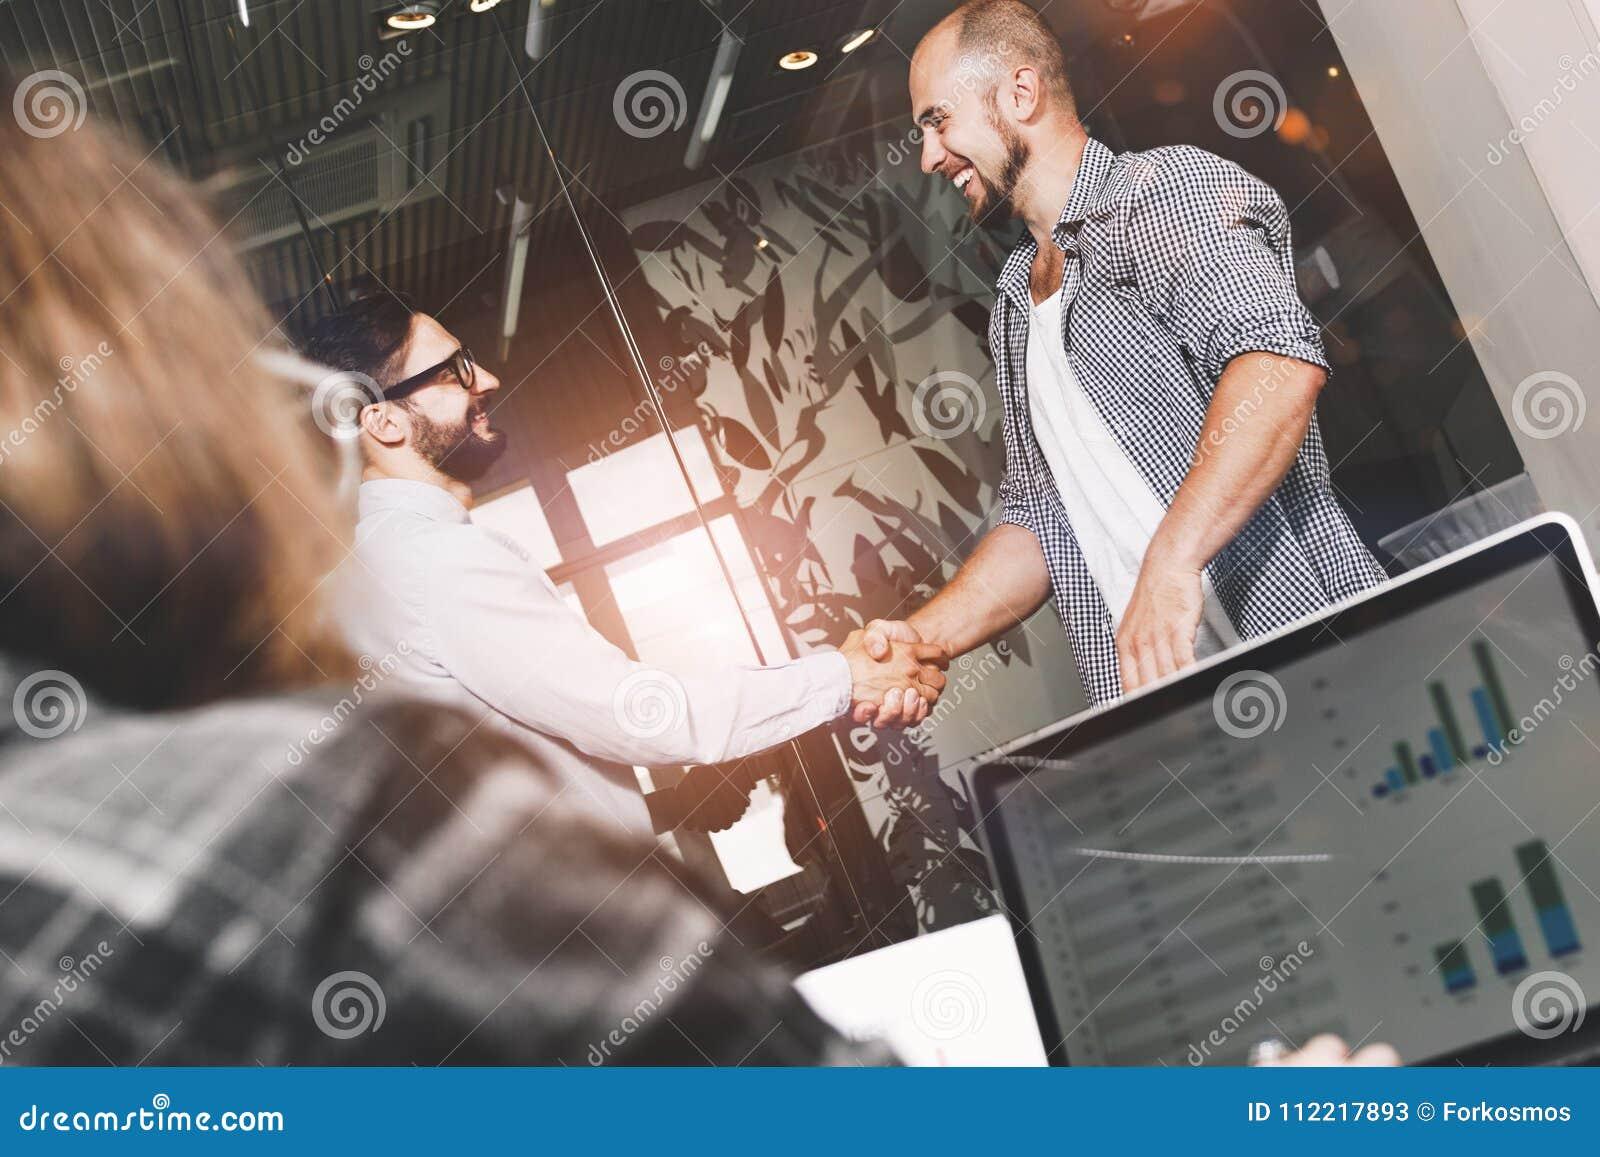 Η ομάδα νέων και σύγχρονων επιχειρηματιών έχει κάνει τη διαπραγμάτευση και κάνει το εκτάριο